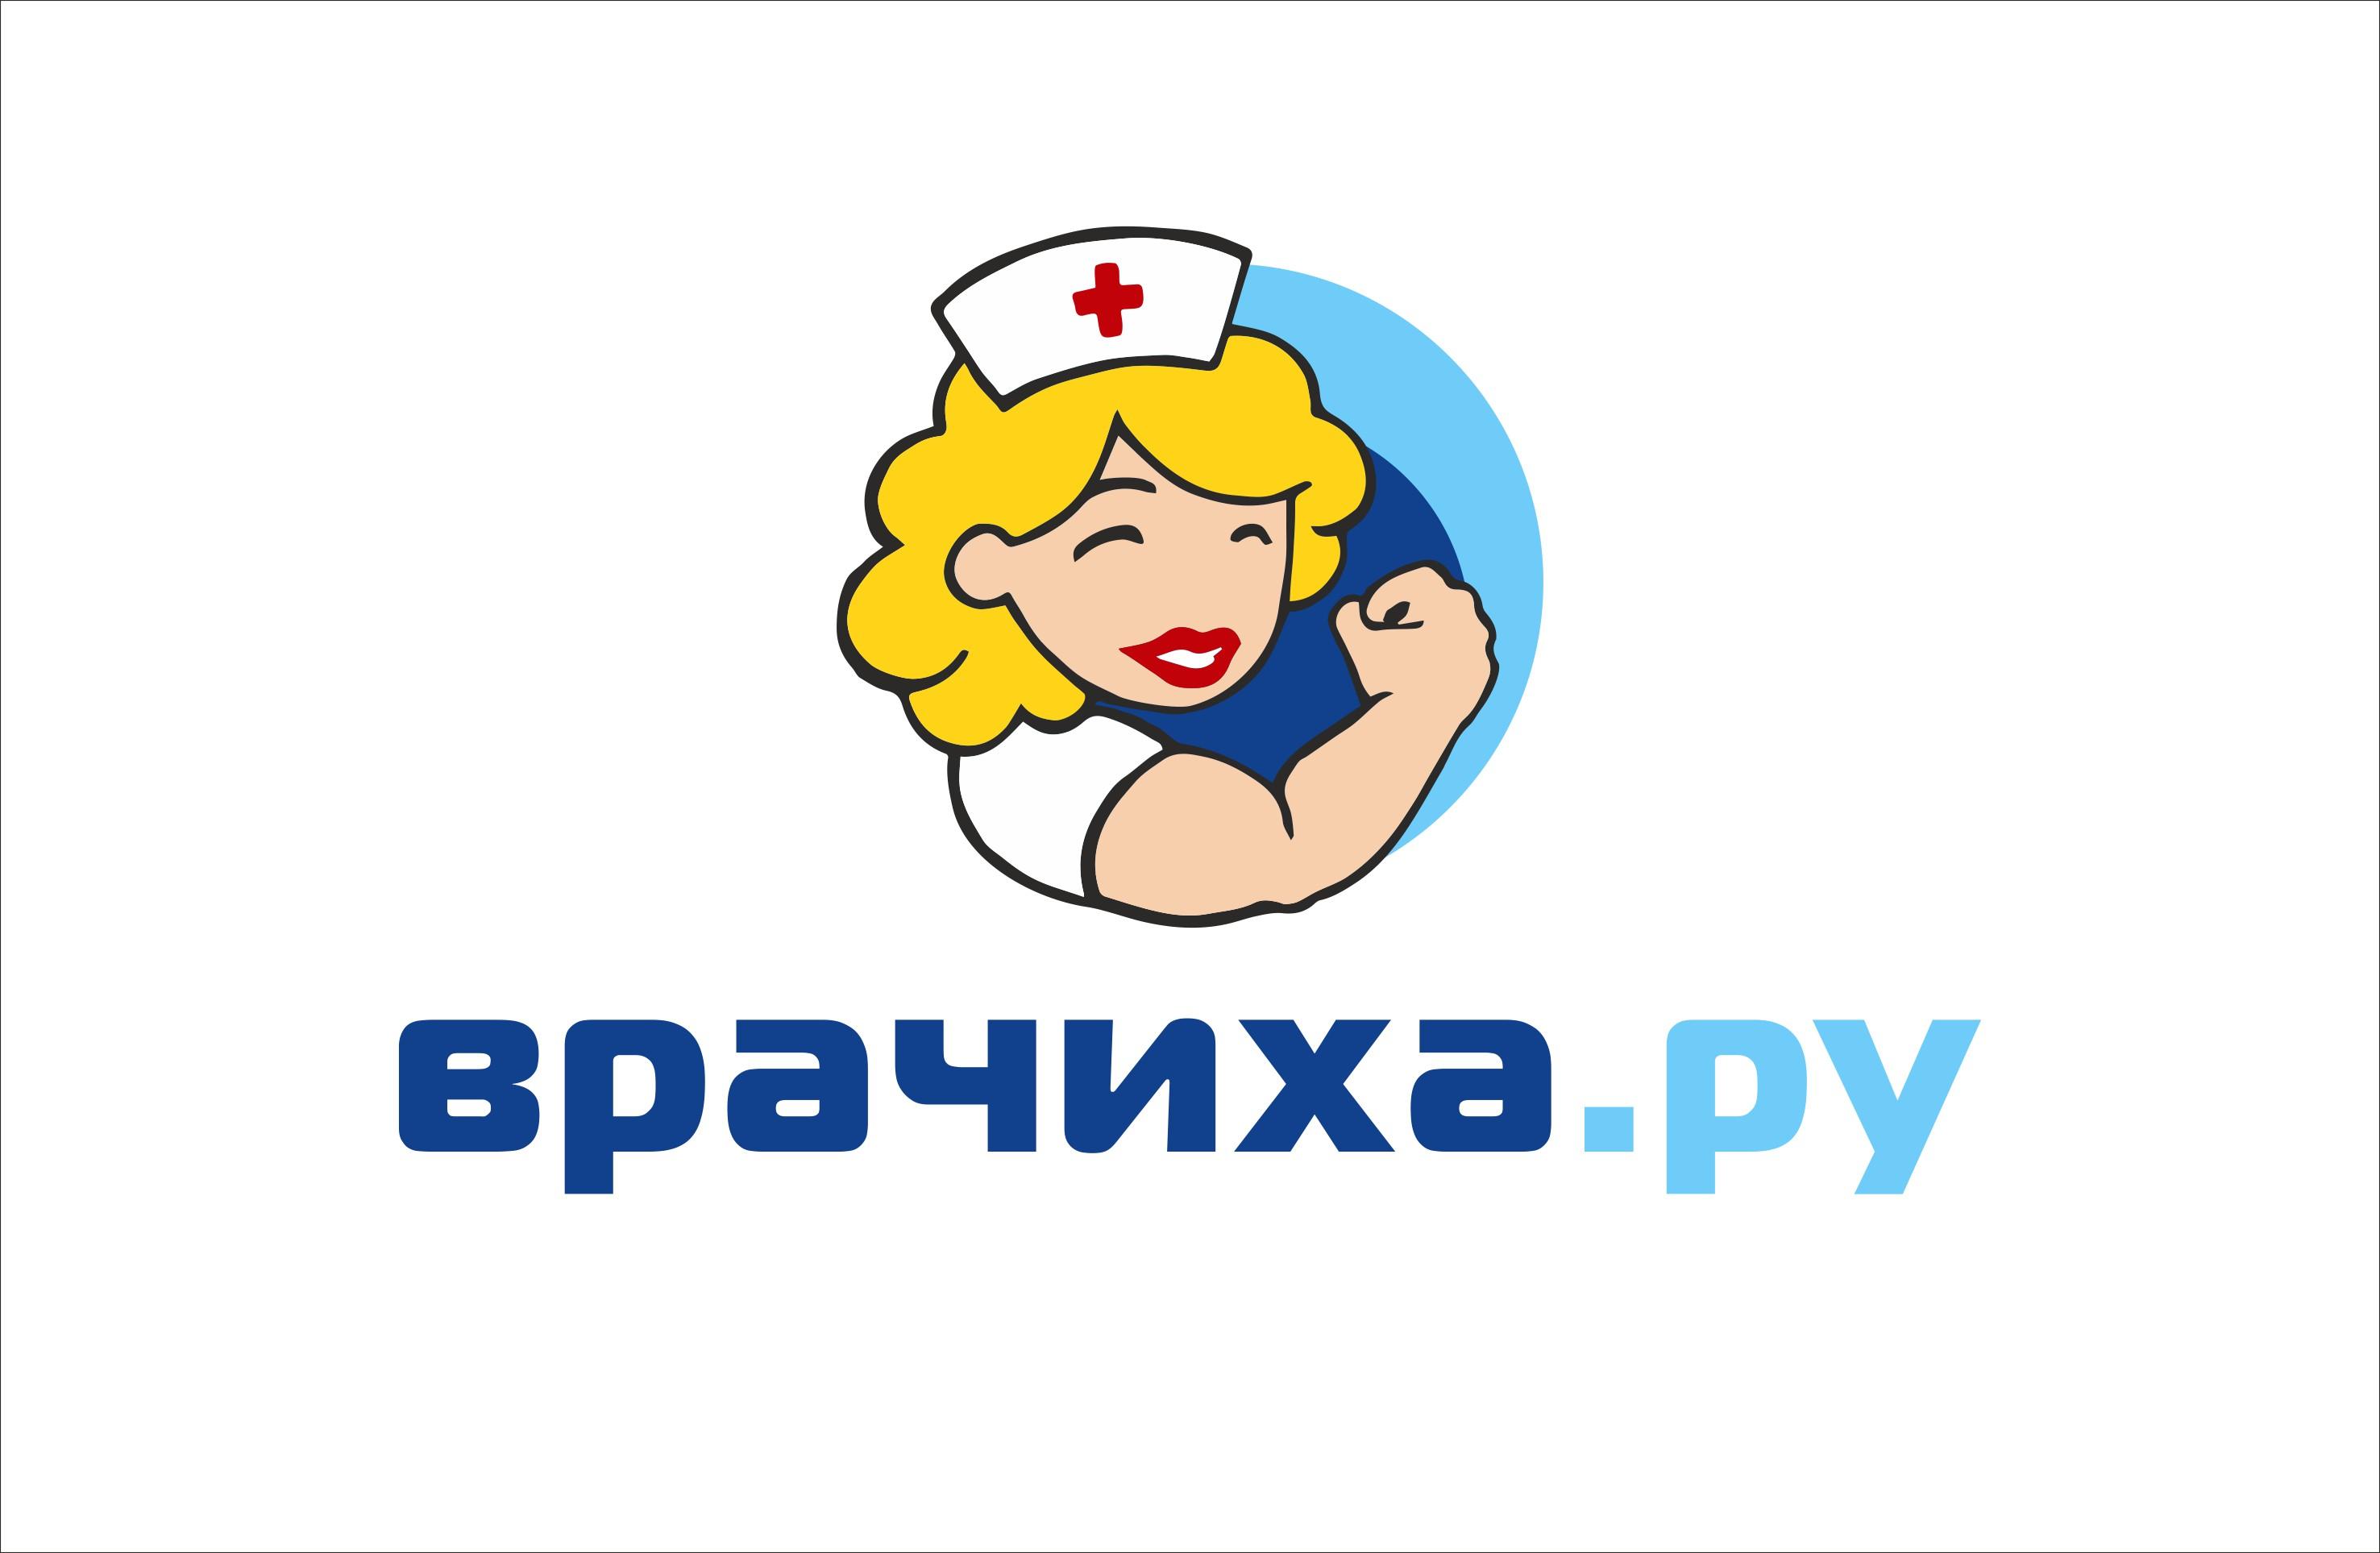 Необходимо разработать логотип для медицинского портала фото f_4865c001853d779b.jpg